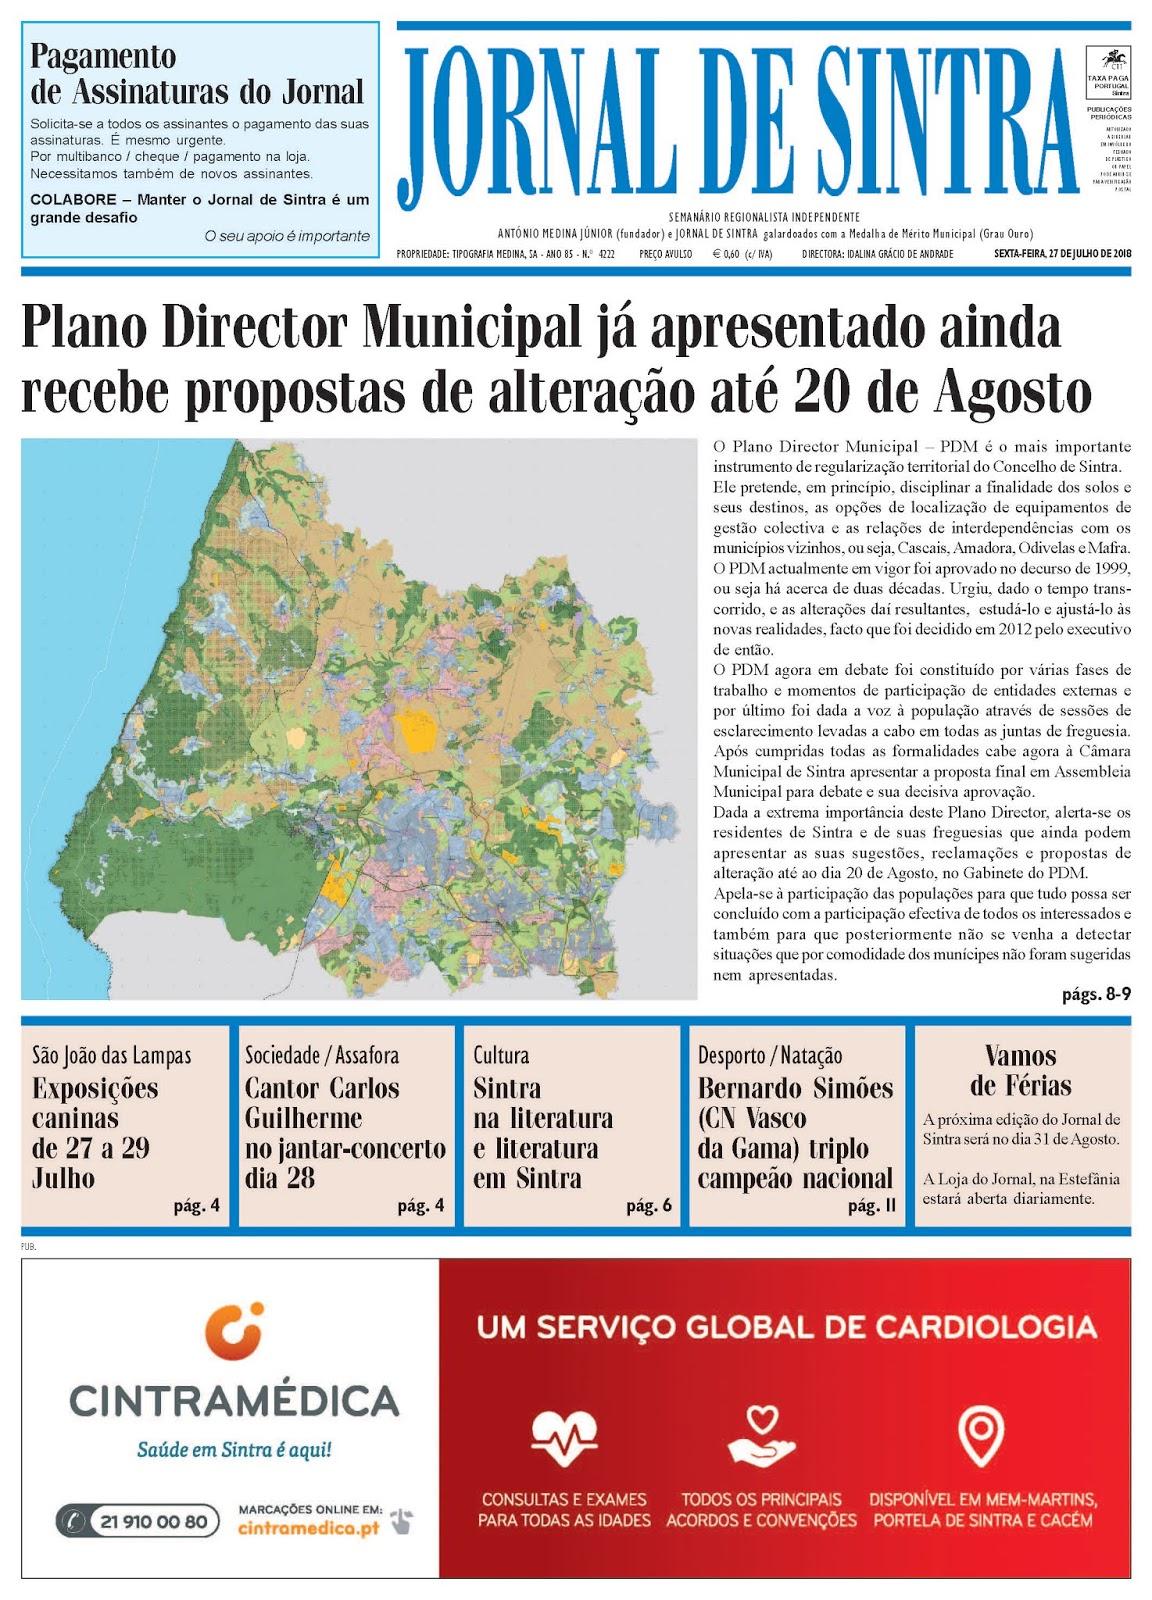 Capa da edição de 27-07-2018